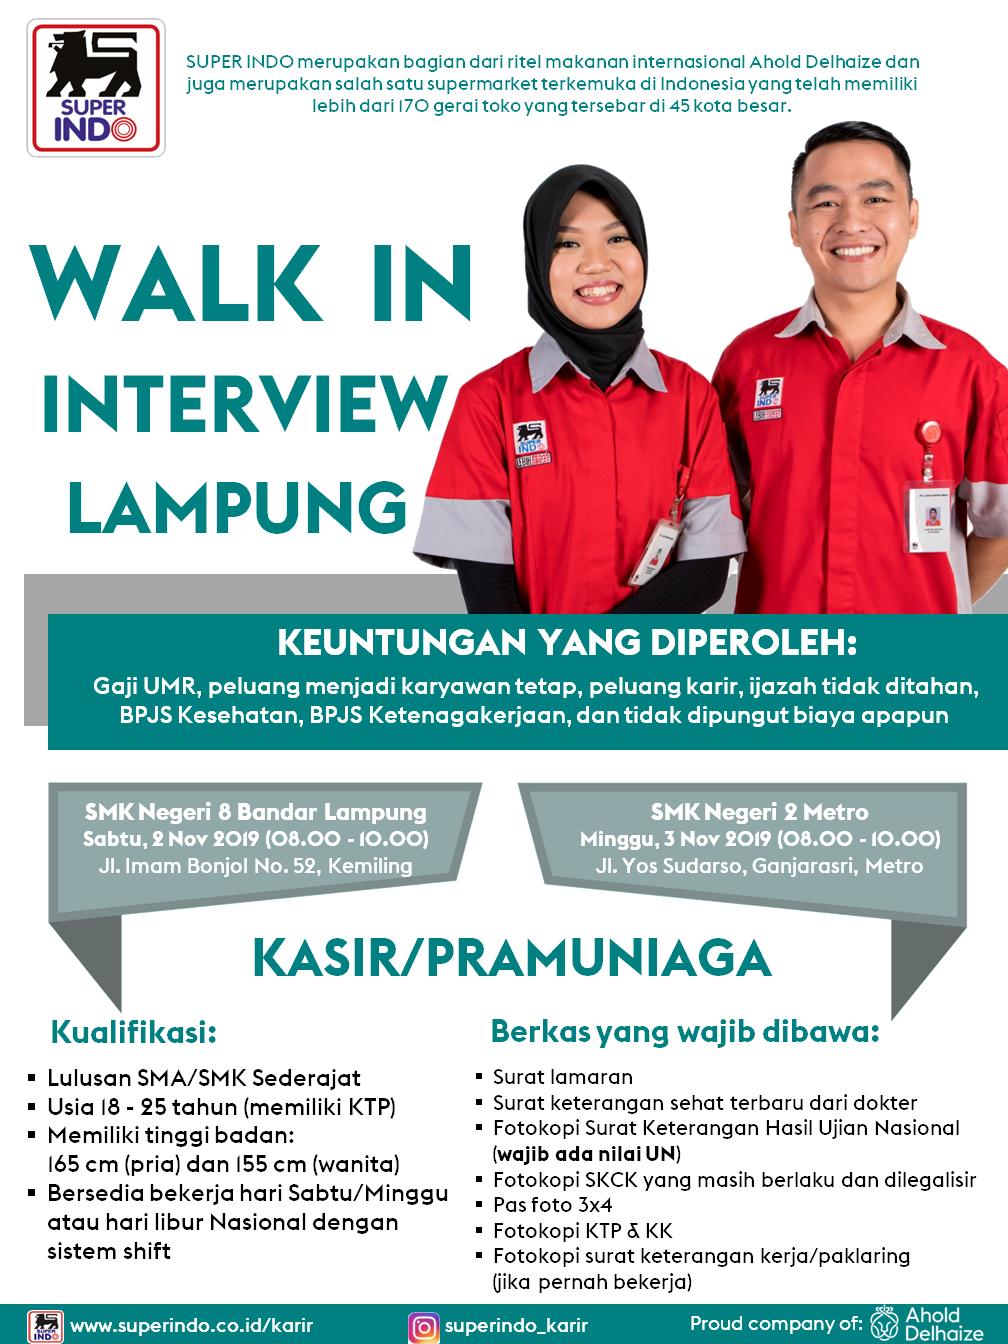 Lowongan Kerja Terbaru PT Super Indo Lulusan SMA/SMK sederajat November 2019